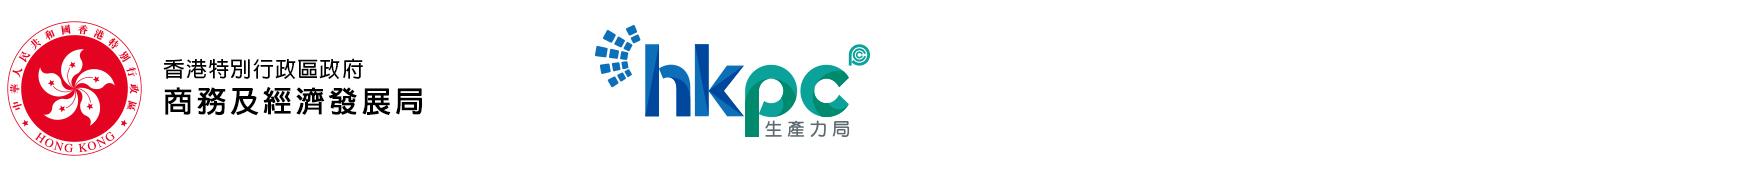 香港特區政府委任生產力局作「本地口罩生產資助計劃」秘書處